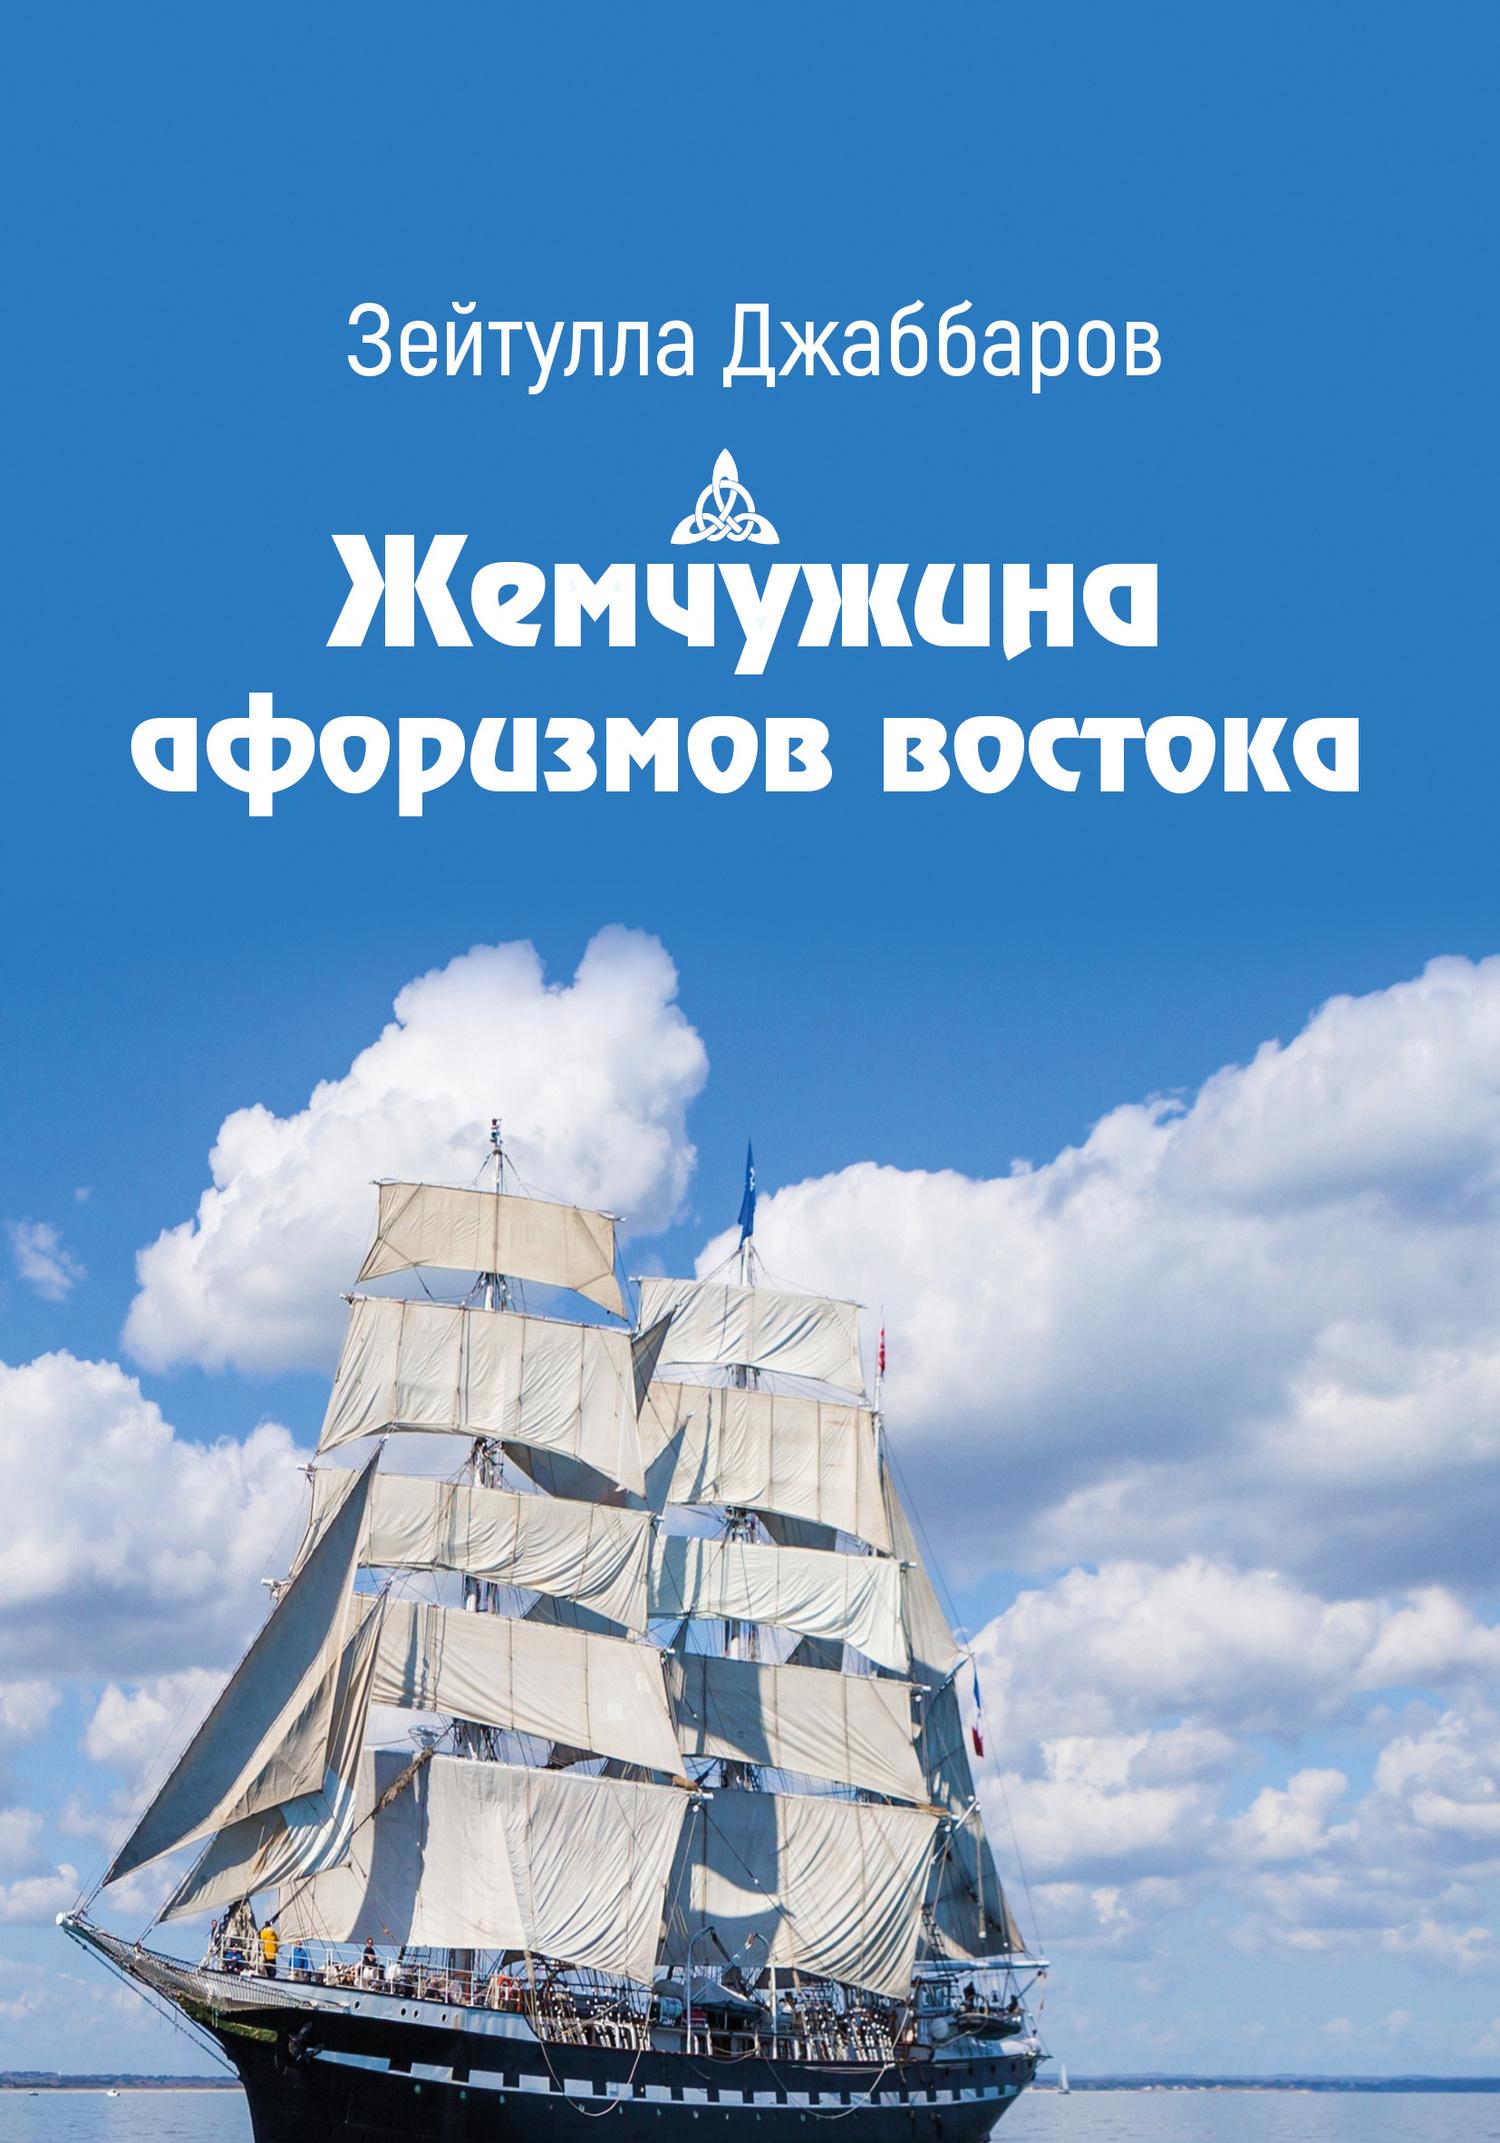 Зейтулла Джаббаров. Жемчужины афоризмов востока